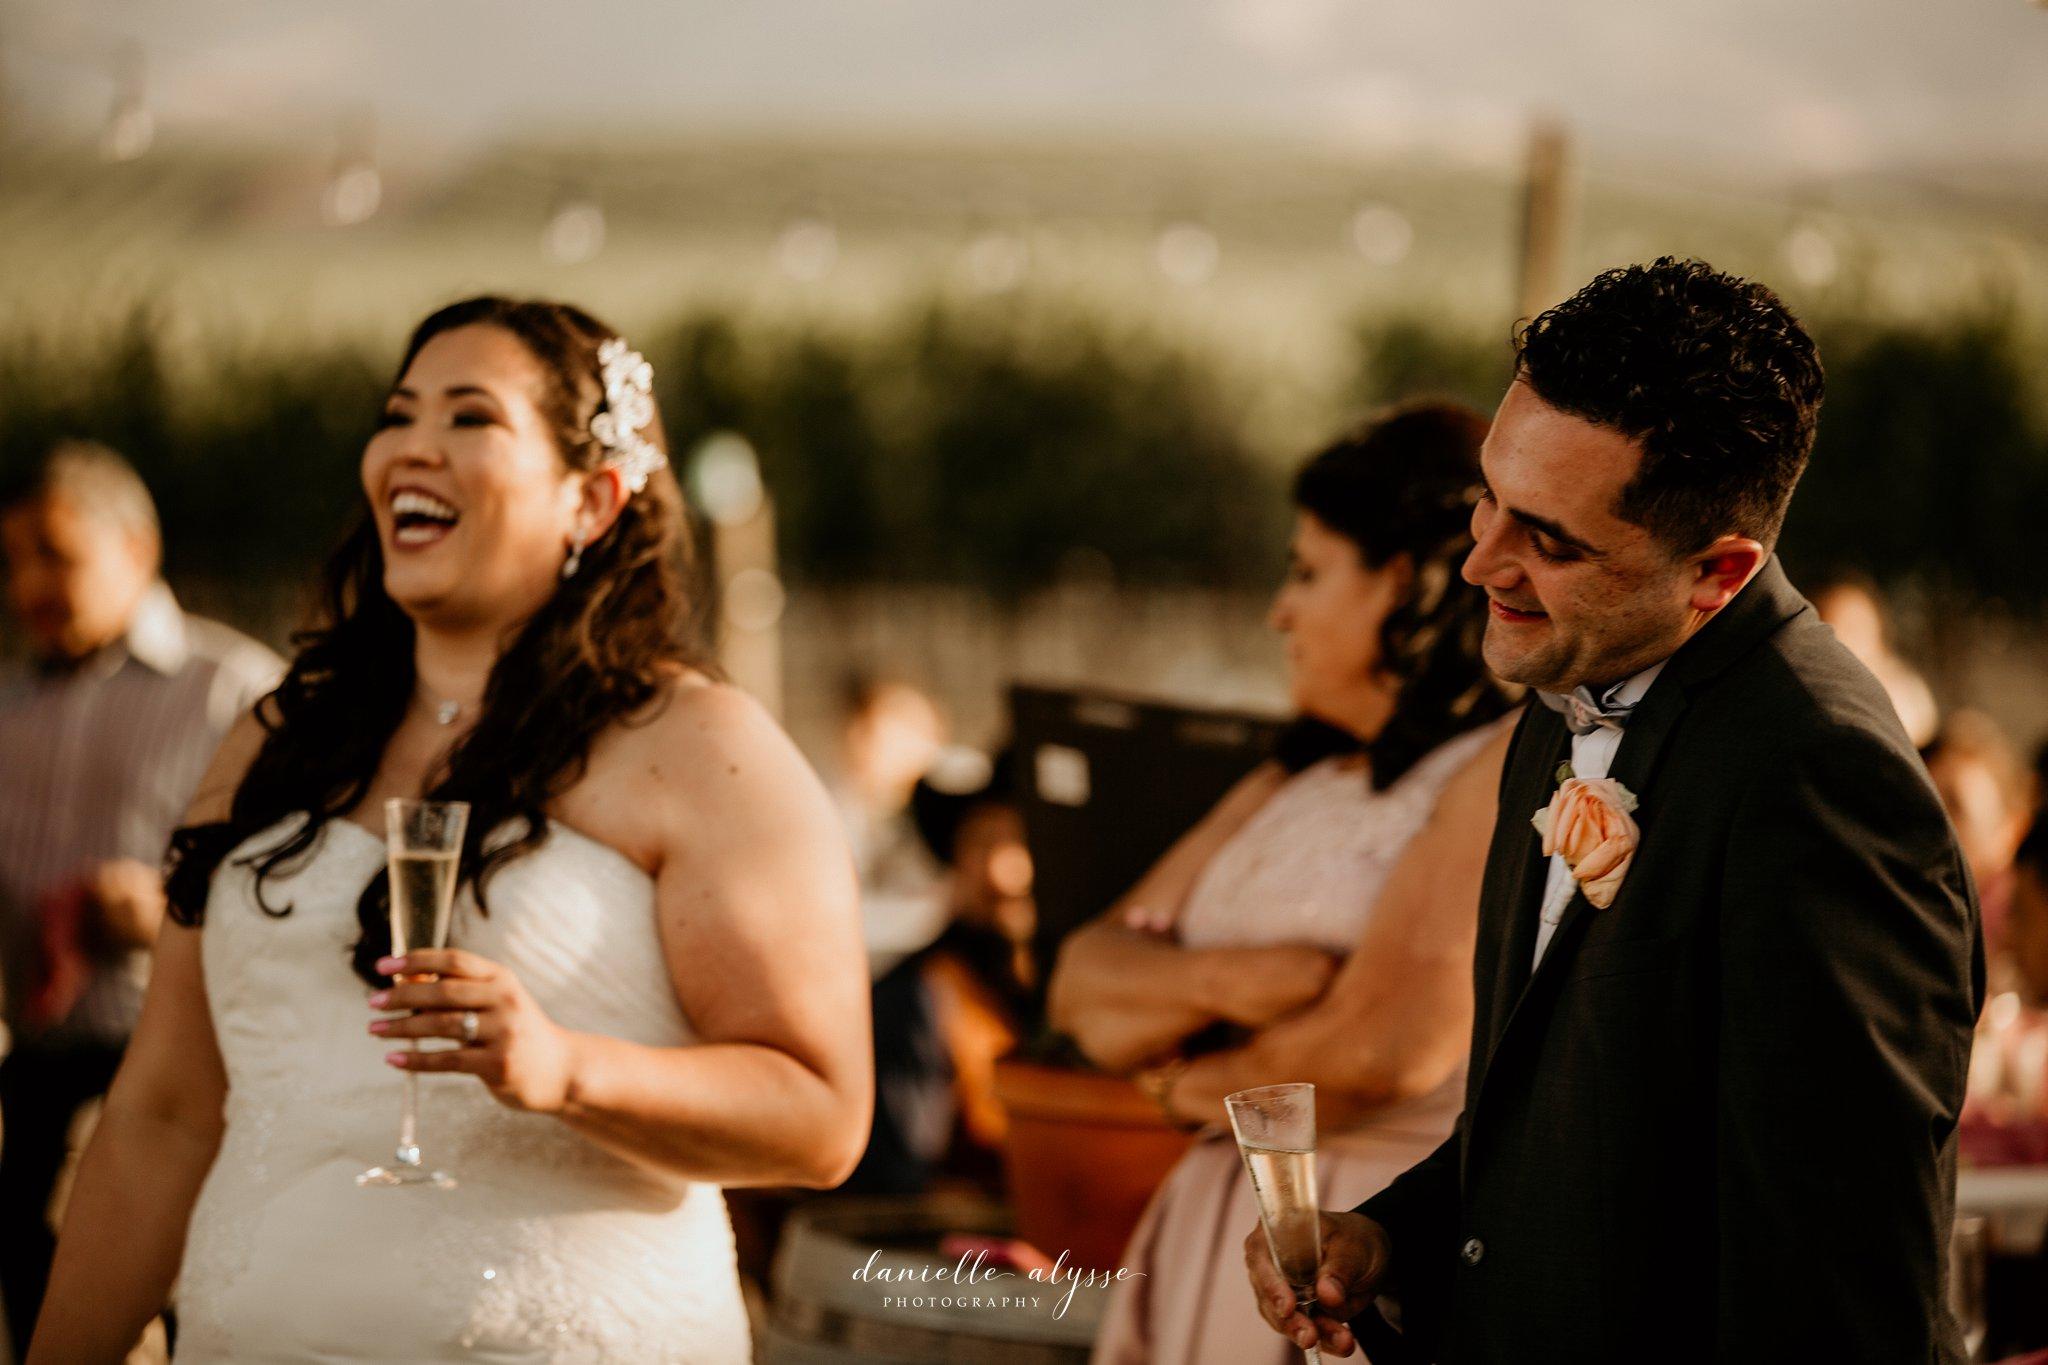 180630_wedding_lily_ryan_mission_soledad_california_danielle_alysse_photography_blog_993_WEB.jpg